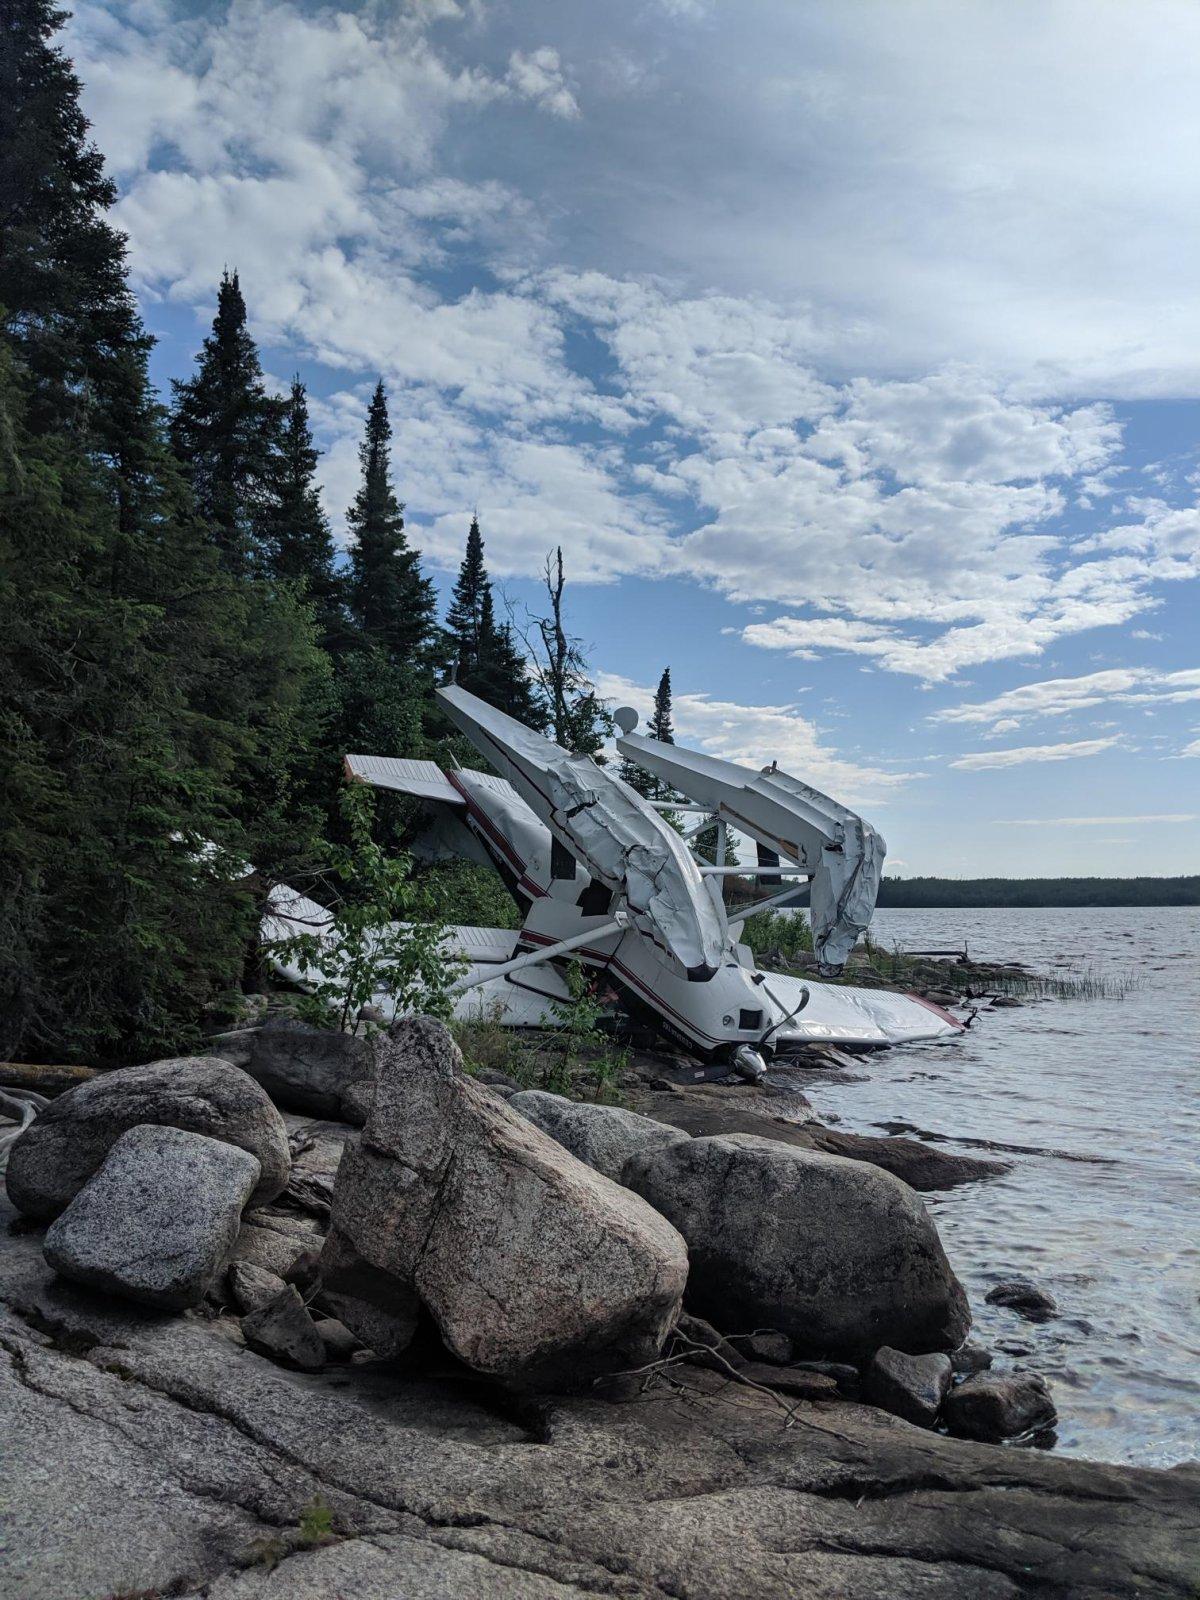 Pilot survives float plane crash near Little Grand Rapids - image